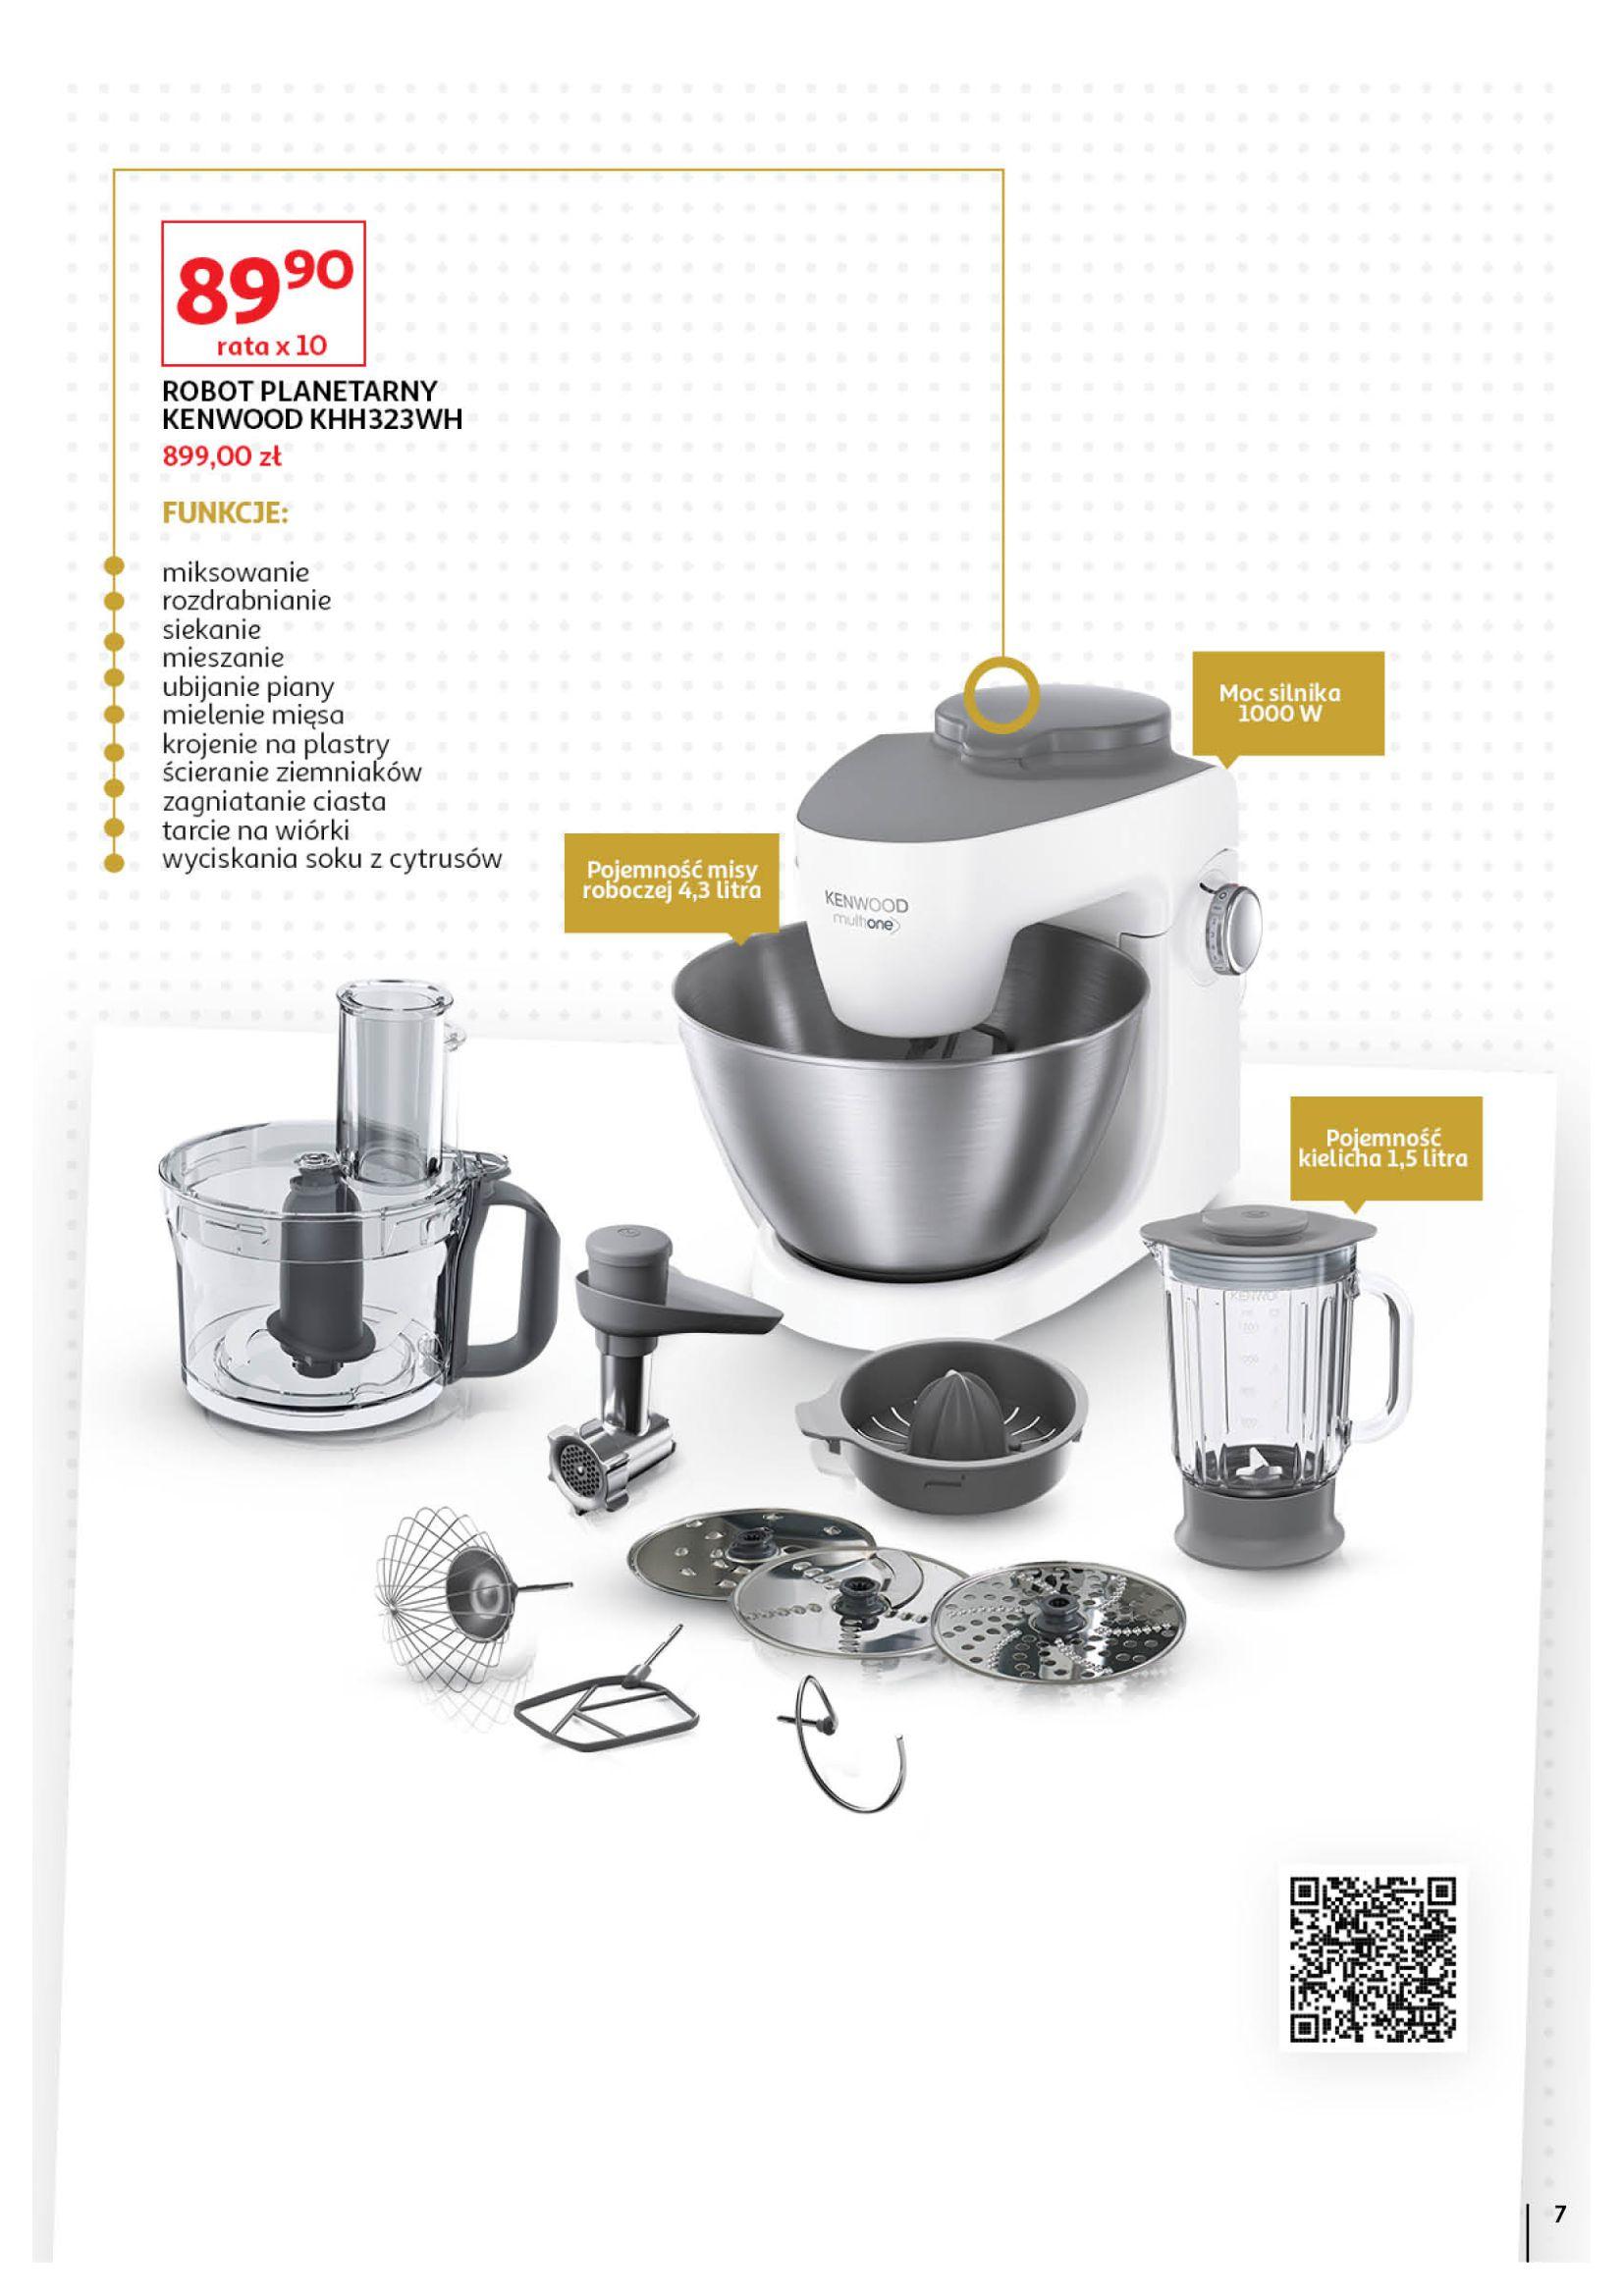 Gazetka Auchan - Oferta Auchan Premium Hipermarkety-01.11.2019-27.11.2019-page-7